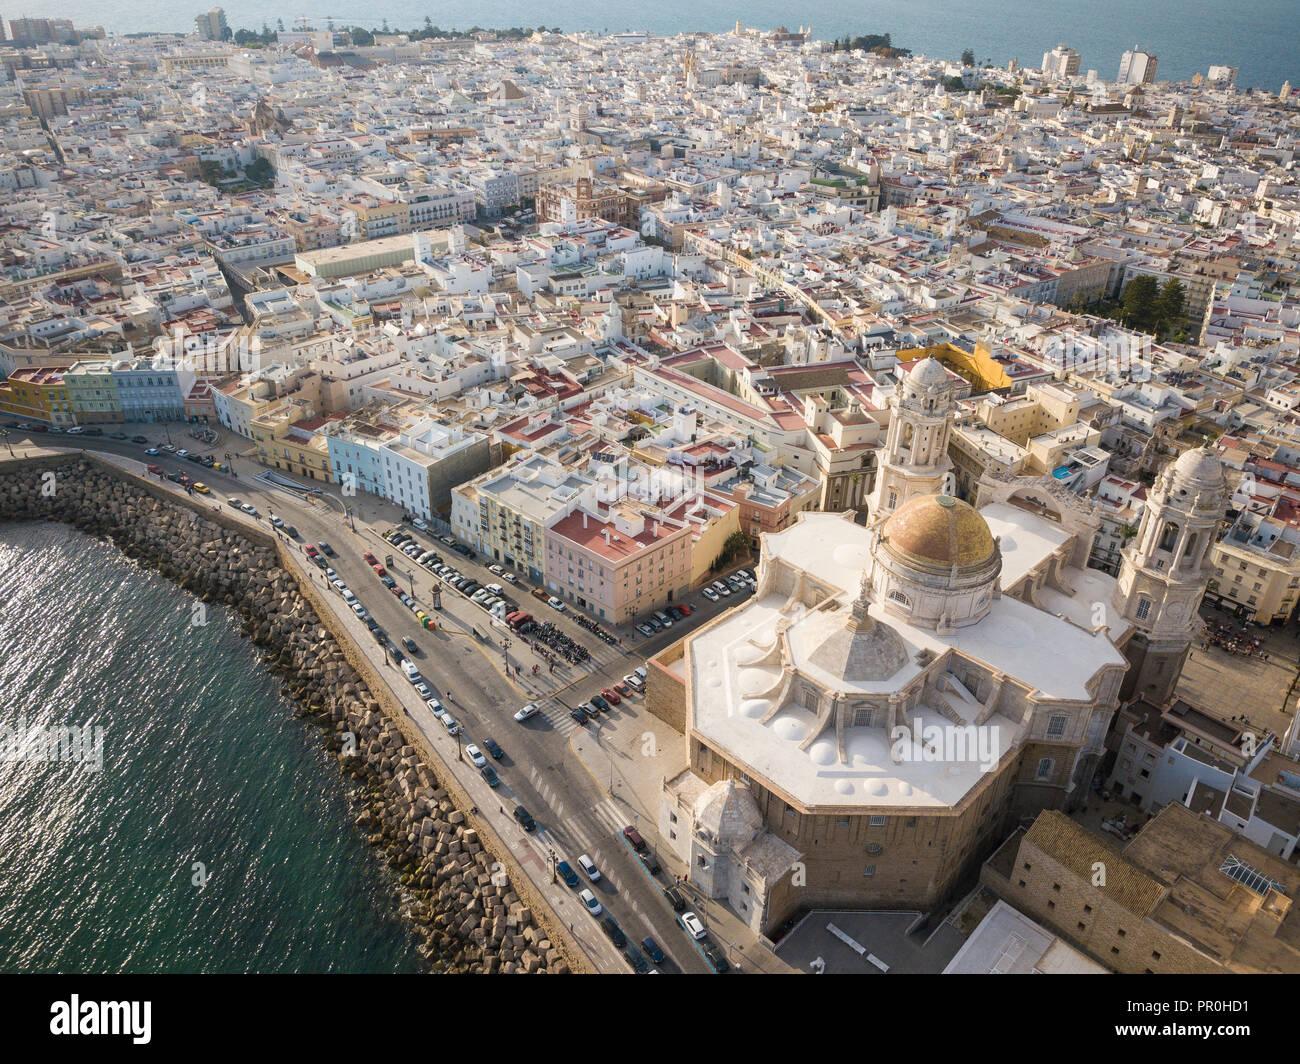 Vue aérienne de la Cathédrale de Cadix, par drone, Cadix, Andalousie, Espagne, Europe Banque D'Images